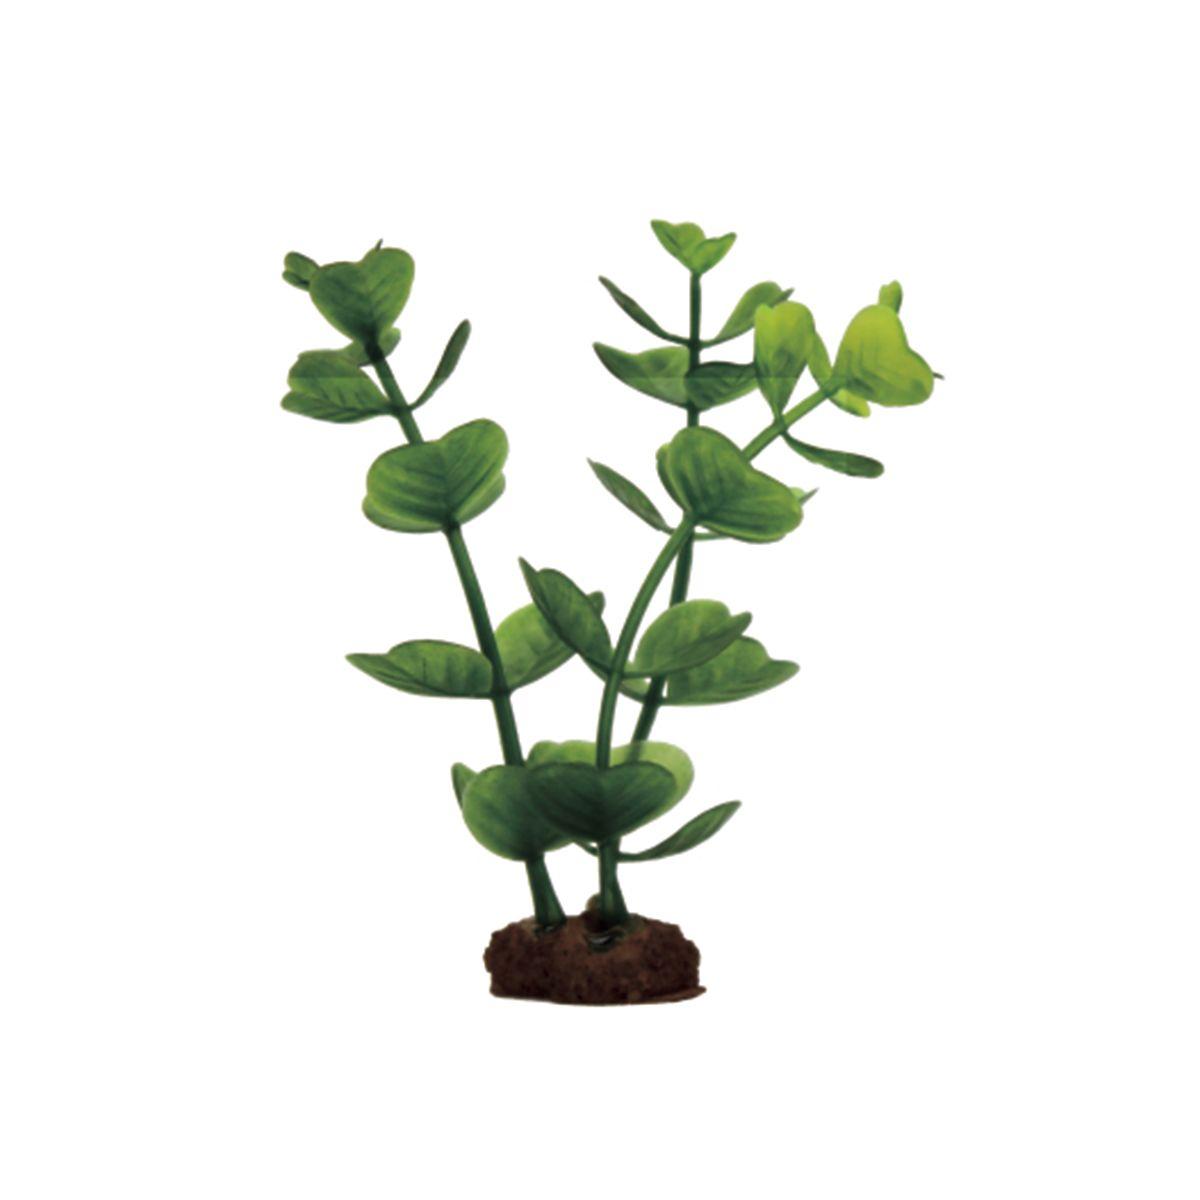 Растение для аквариума ArtUniq Бакопа, высота 10 см, 6 шт0120710Композиция из искусственных растений ArtUniq превосходно украсит и оживит аквариум.Растения - это важная часть любой композиции, они помогут вдохнуть жизнь в ландшафт любого аквариума или террариума. А их сходствос природными порадует даже самых взыскательных ценителей.